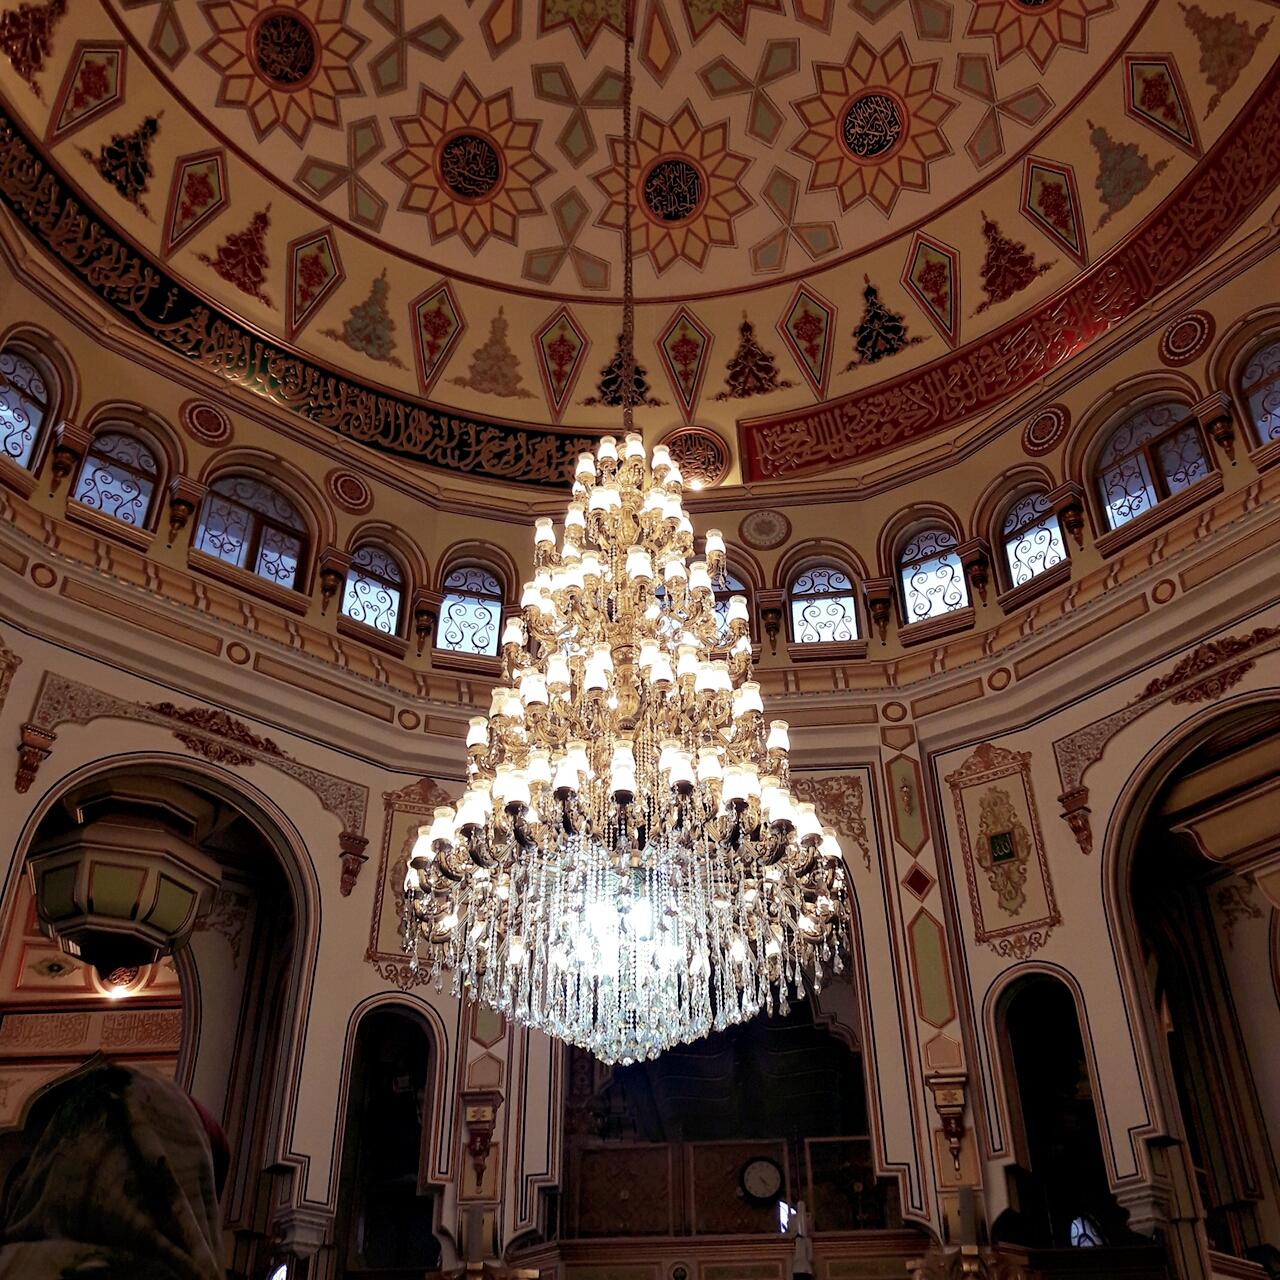 Shafeie Mosque